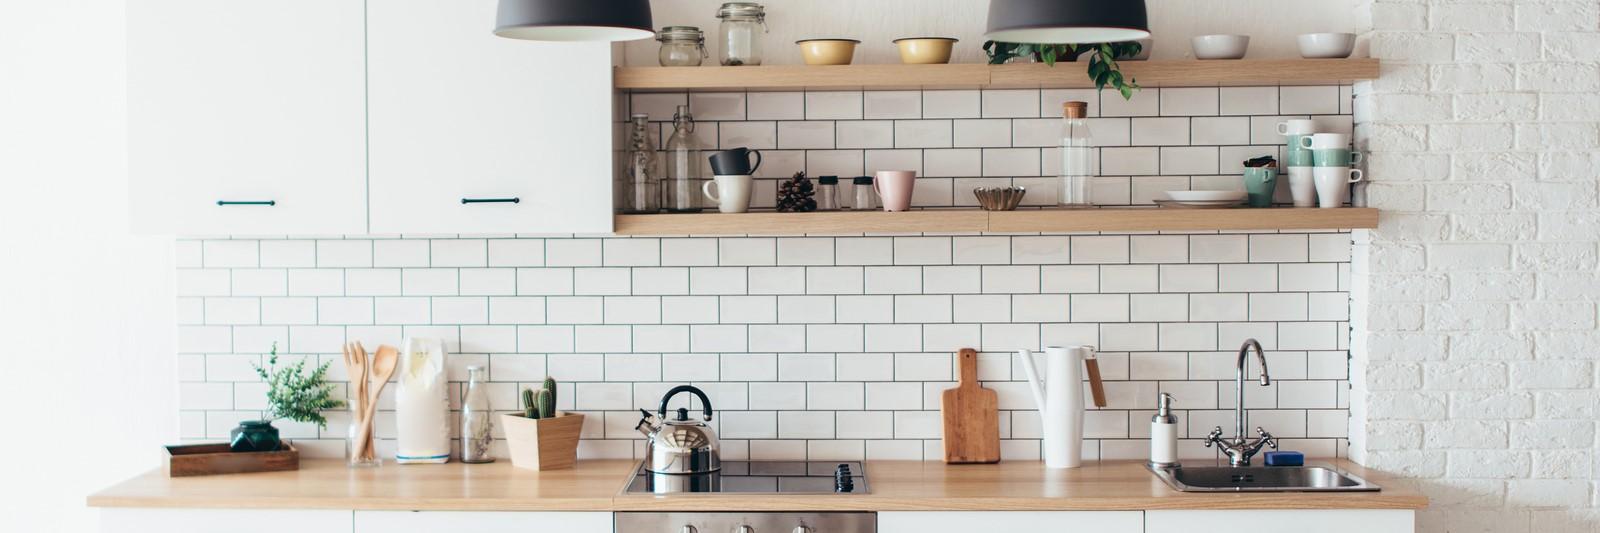 Des cadres deco et tableaux dans la cuisine